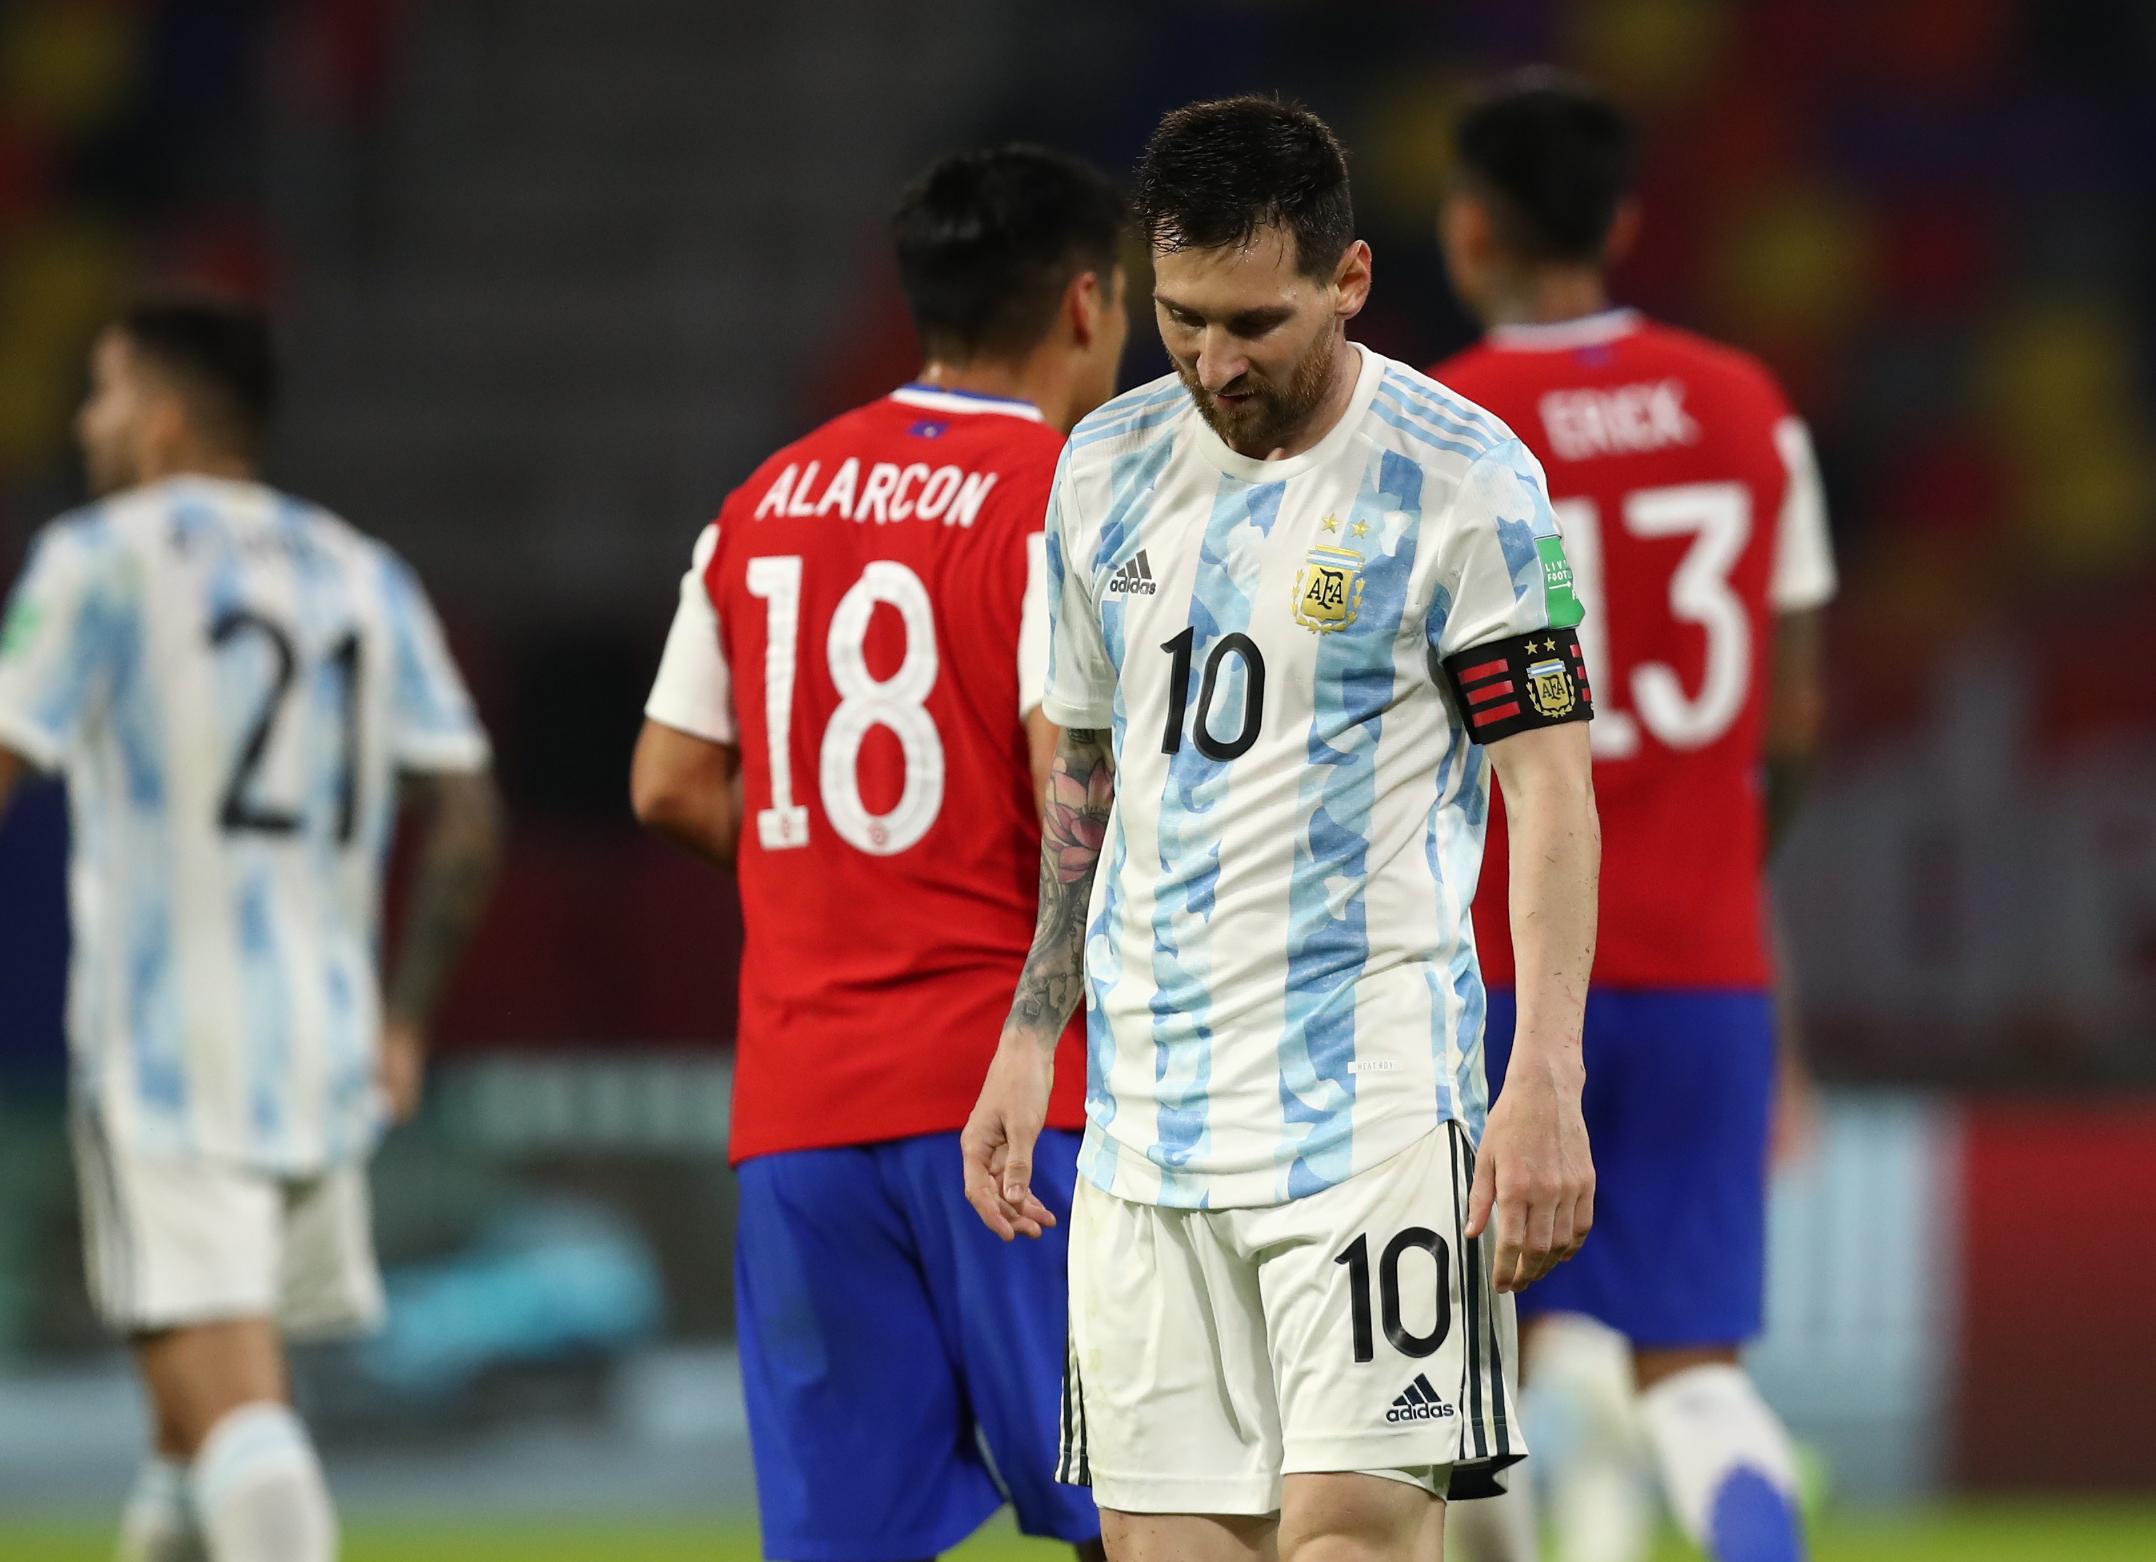 Mondial 2022 : un but et des éclairs de Messi, mais un nul pour l'Argentine - Coupe du monde